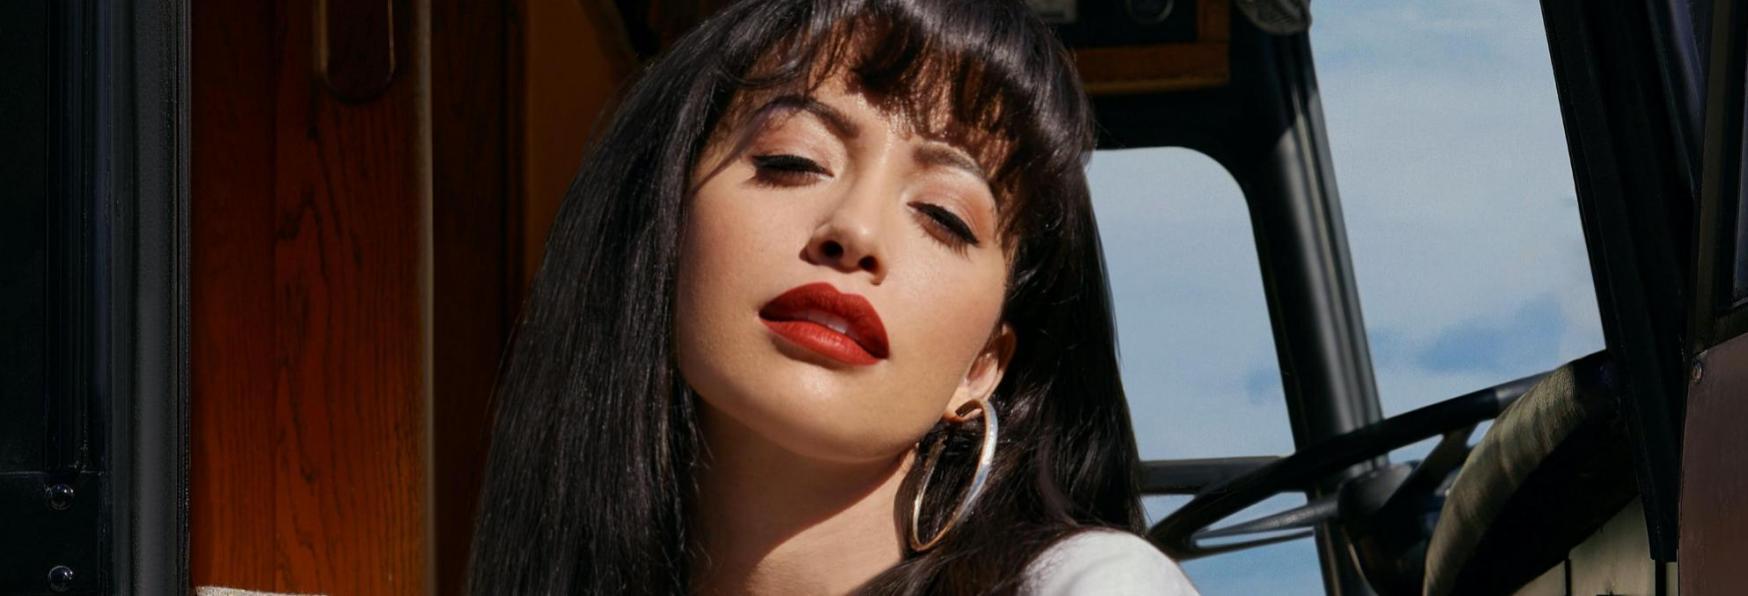 Selena: La Serie 2 - Trama, Cast, Data, Trailer e Anticipazioni sui Nuovi Episodi